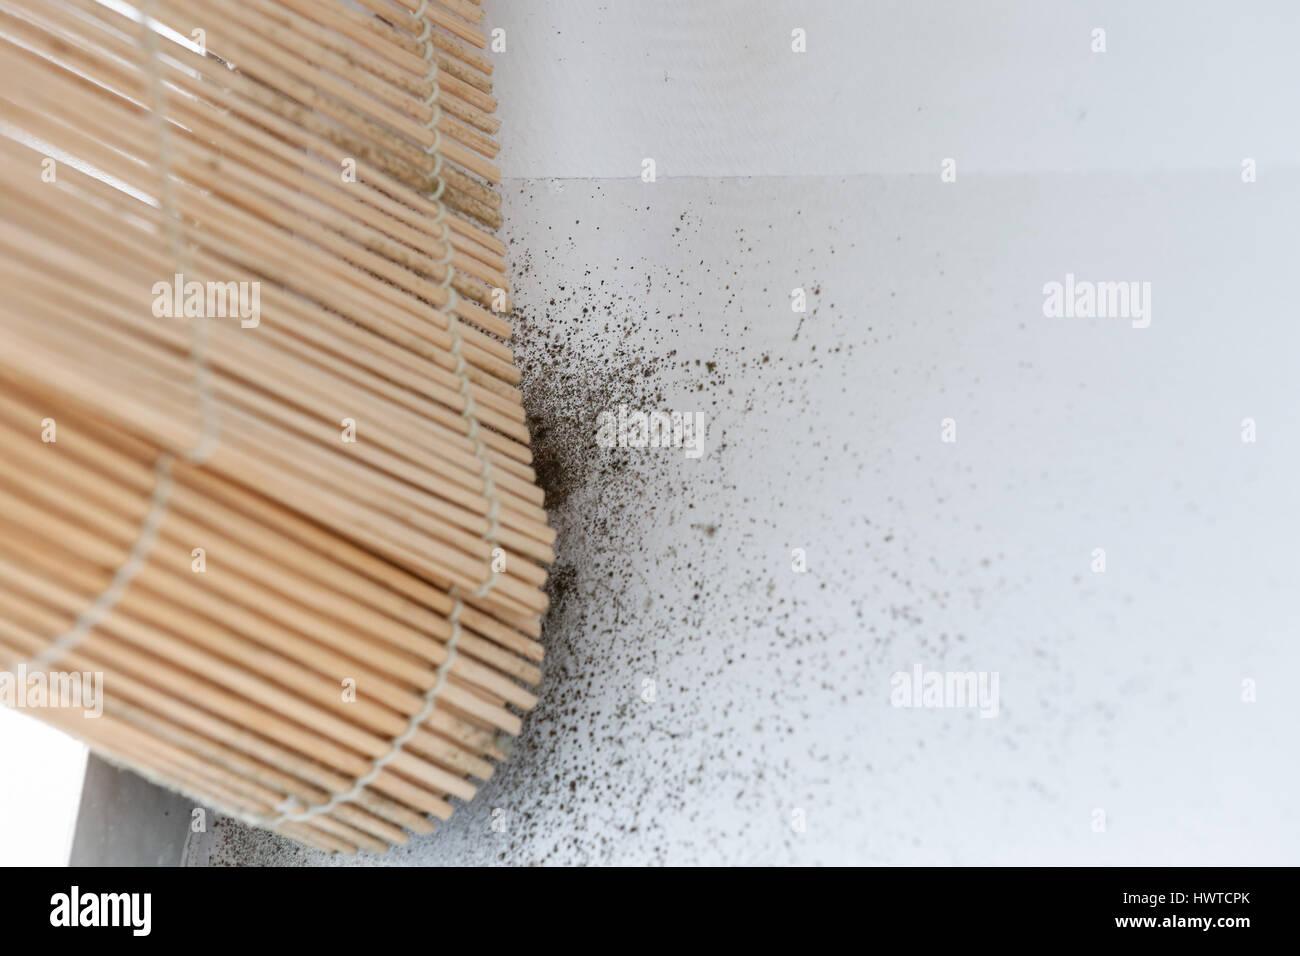 Un Mur Avec Des Effets Sétendant De La Moisissure Noire Autour De